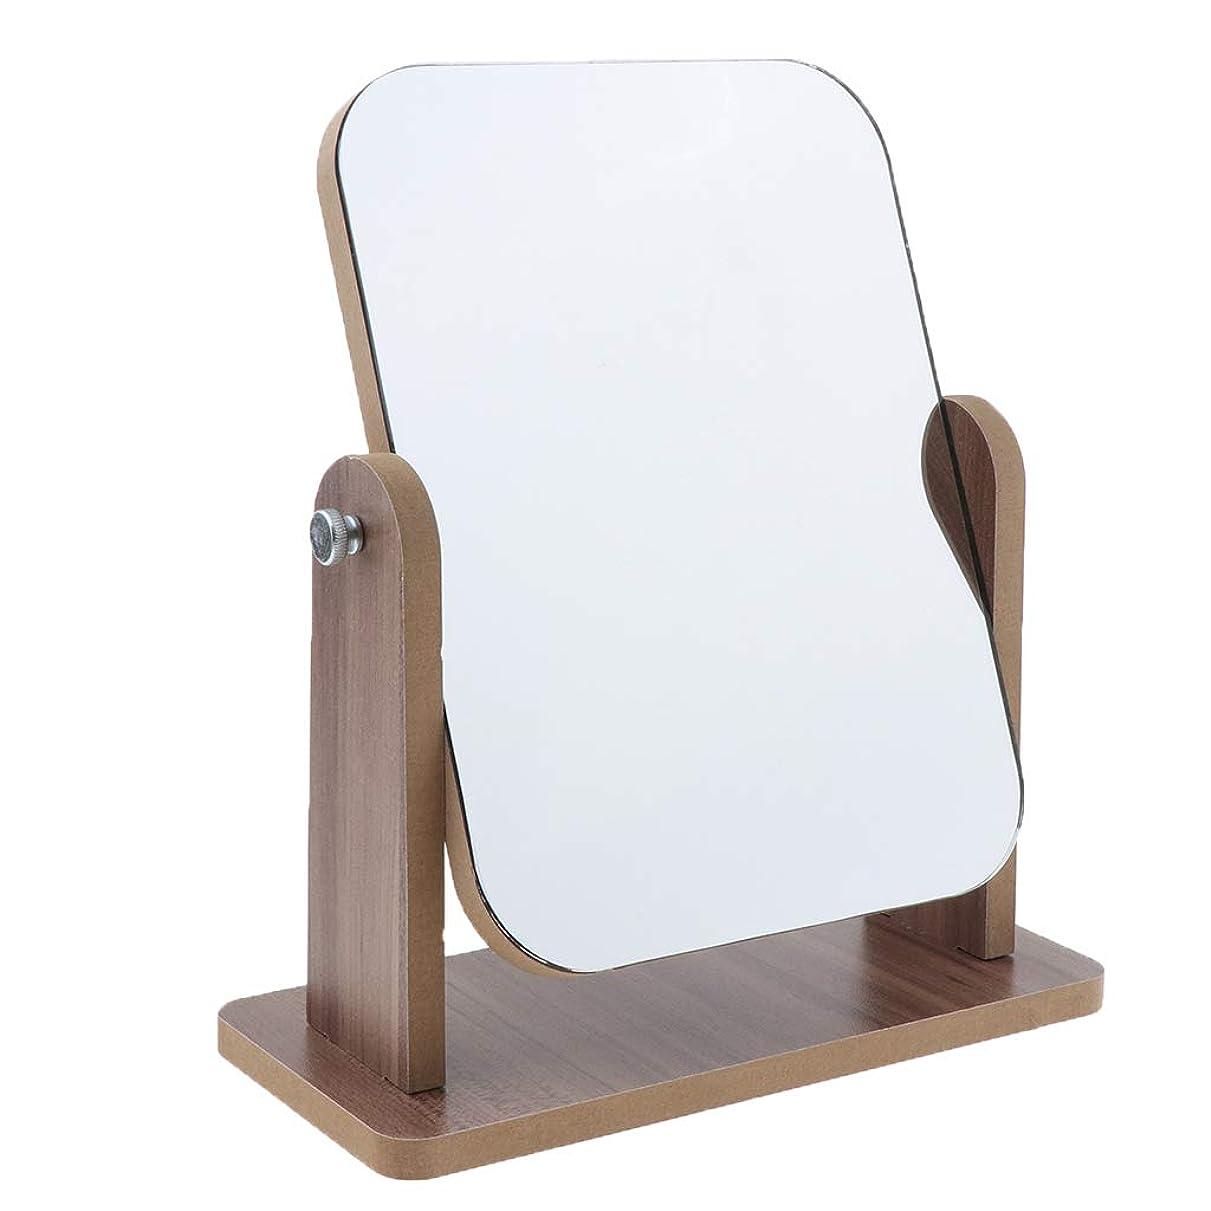 考え発掘する酔っ払いPerfeclan 60度回転 片面 高精細 木製フレーム 卓上化粧鏡 寝室 居間 寮化粧鏡 鏡 ミラー 全3サイズ - 中